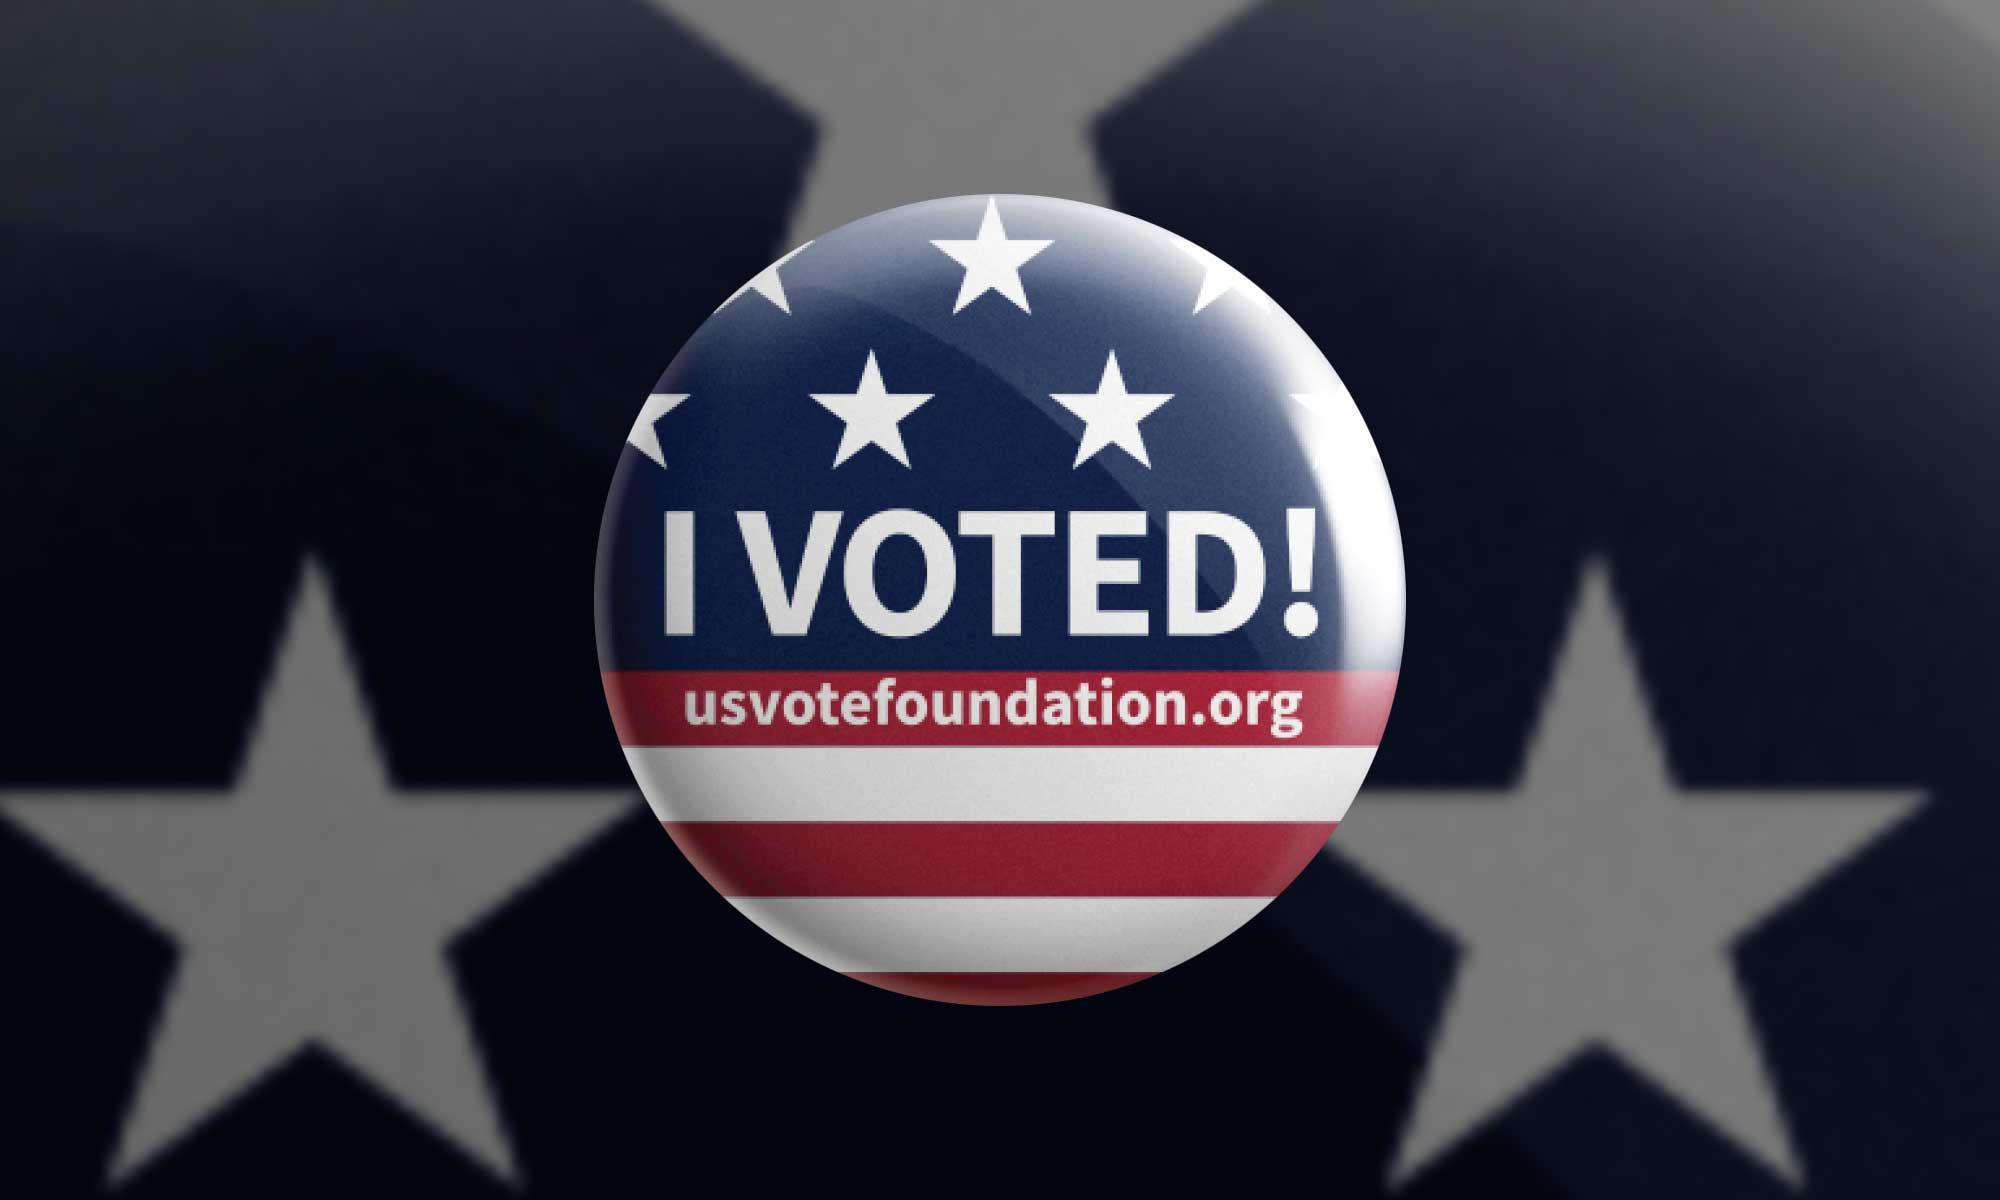 I VOTED 2020